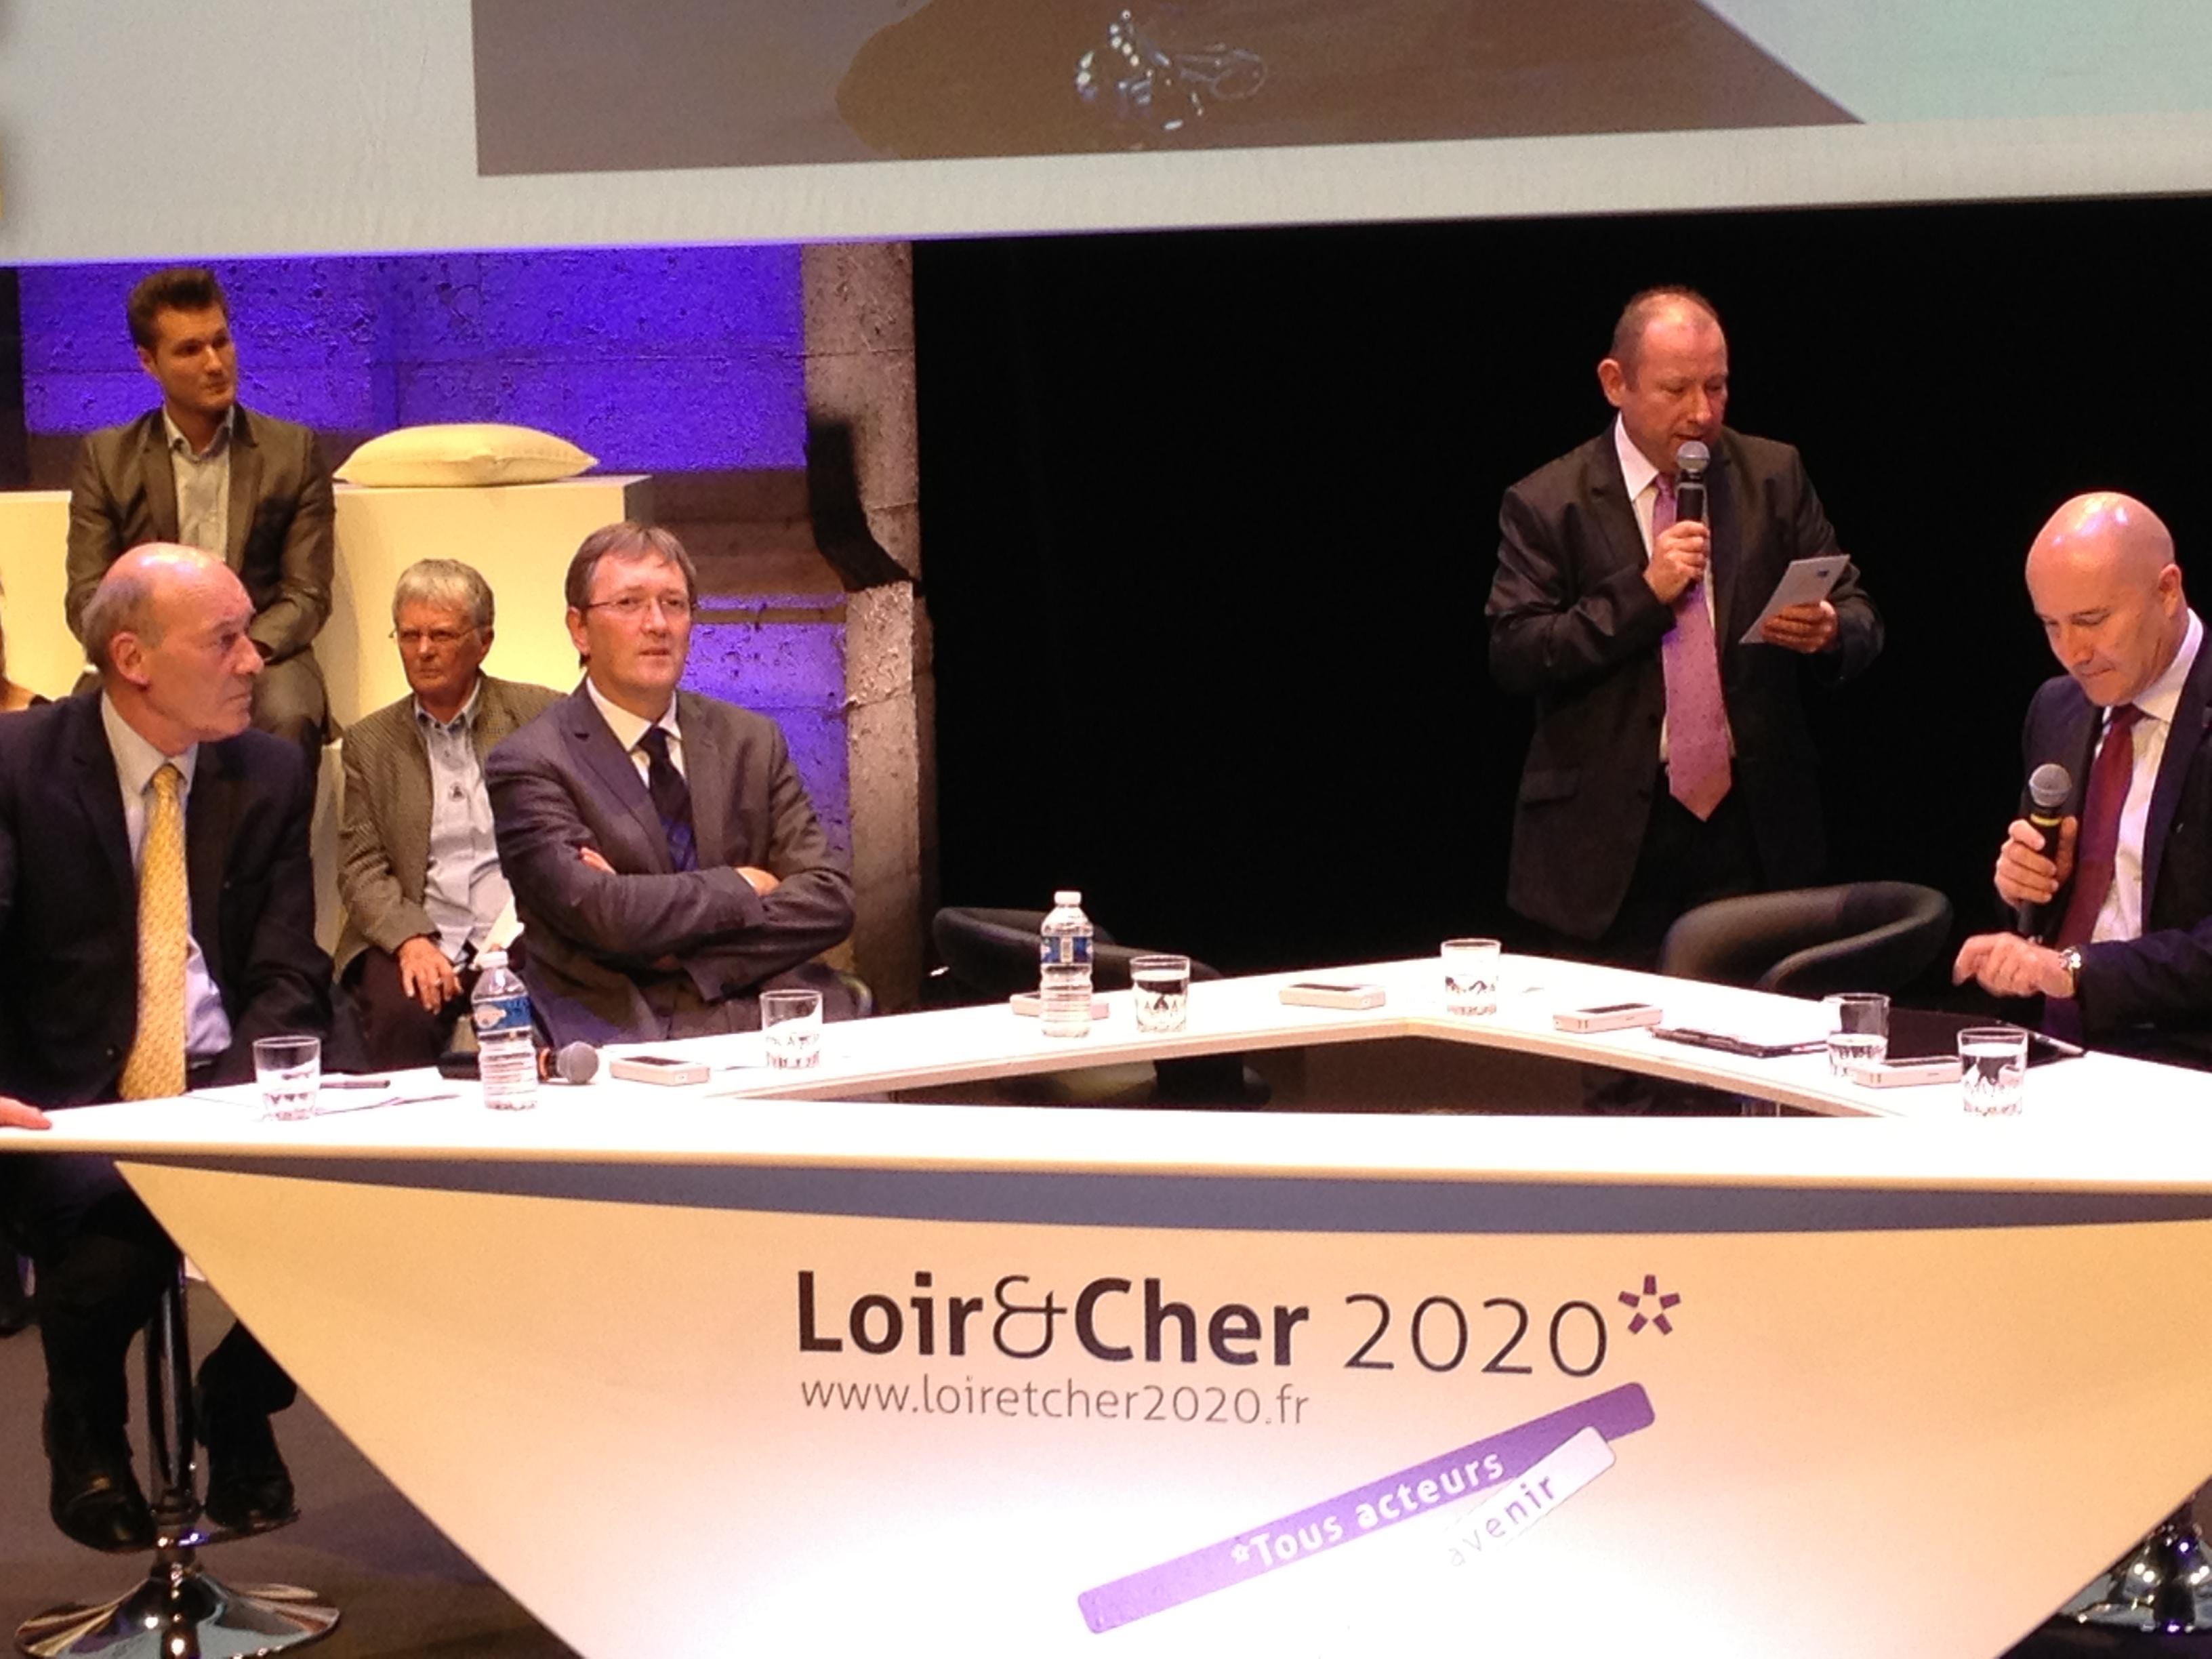 Assises d'ouverture Loir-et-Cher 2020